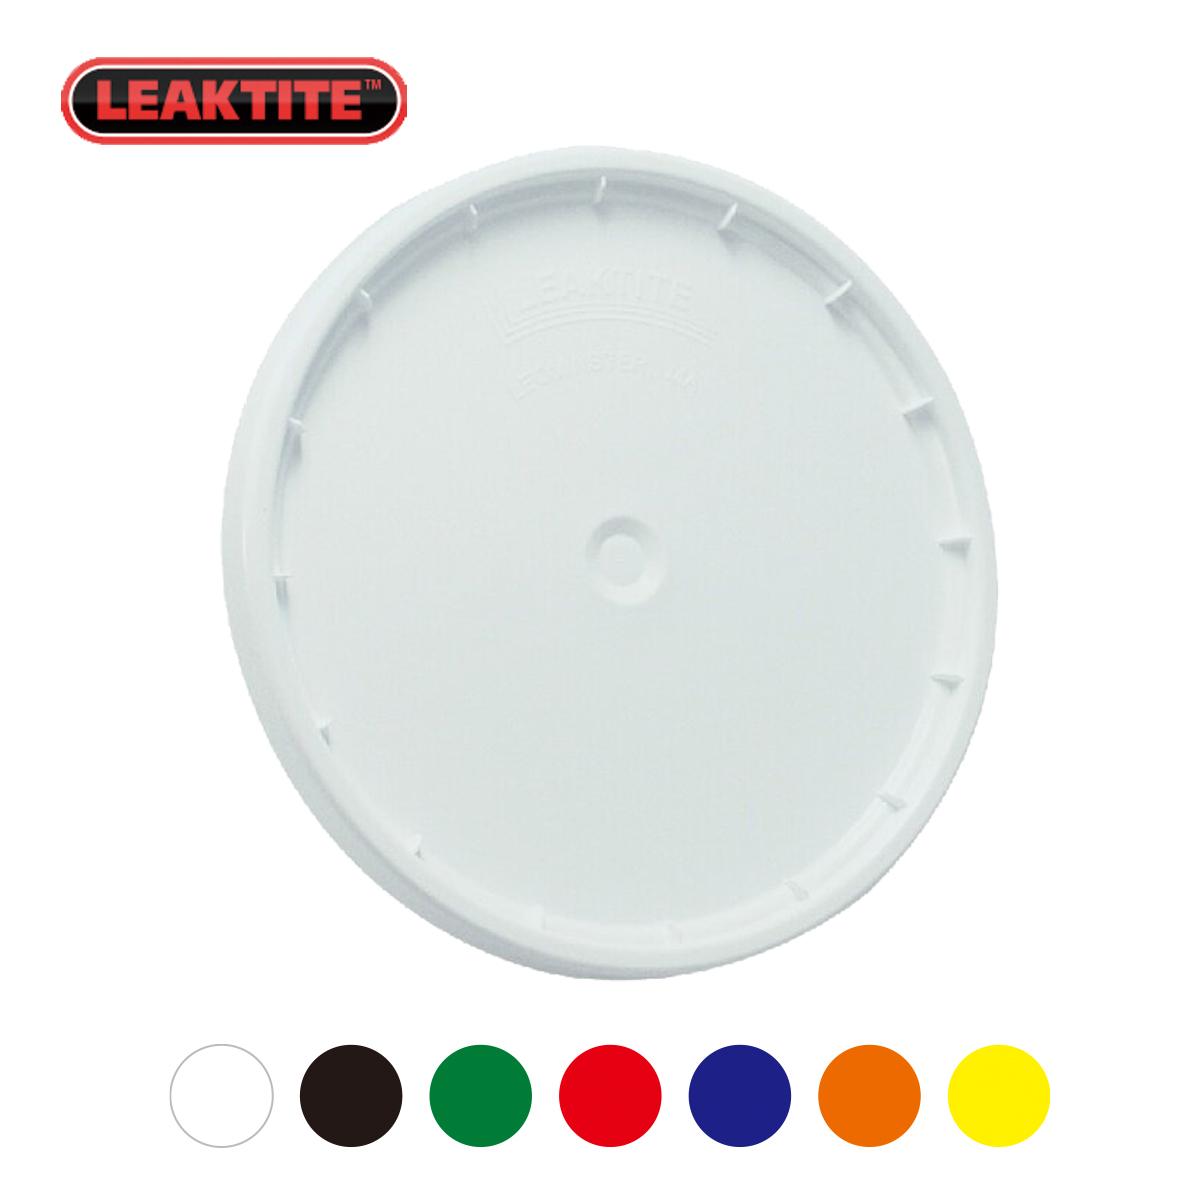 5ガロンバケツに使えるフタ LEAKTITE 1着でも送料無料 USA5ガロンバケットリッド 最安値 フタ アメリカ製バケツ用の蓋